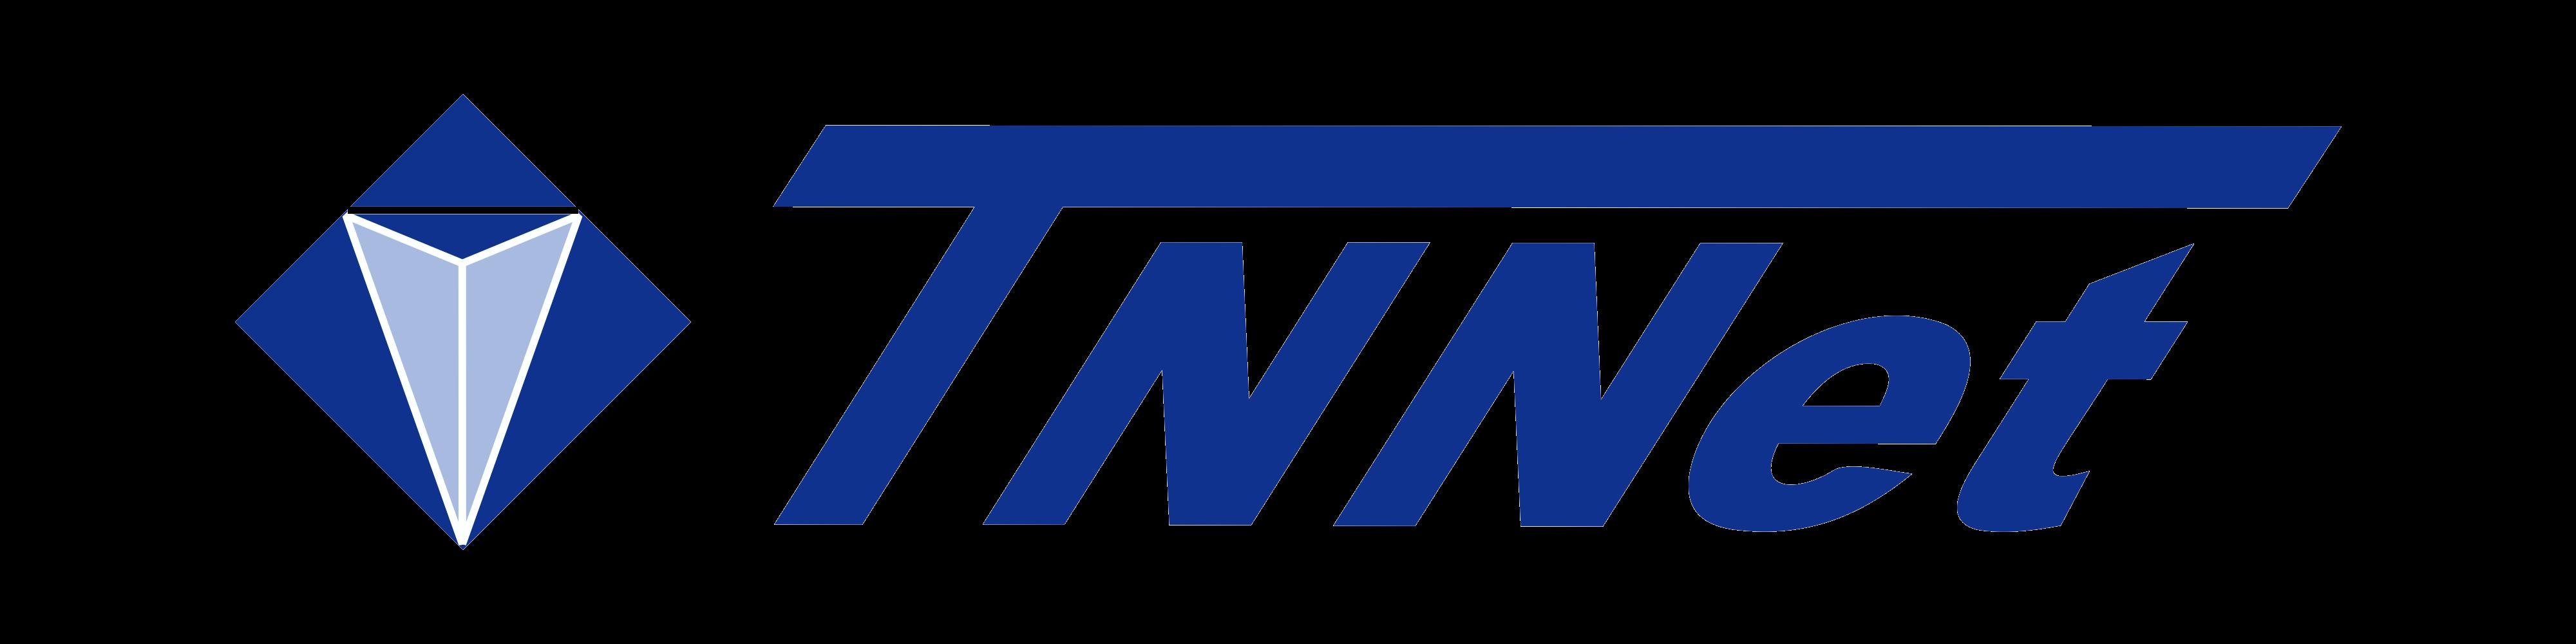 TNNet